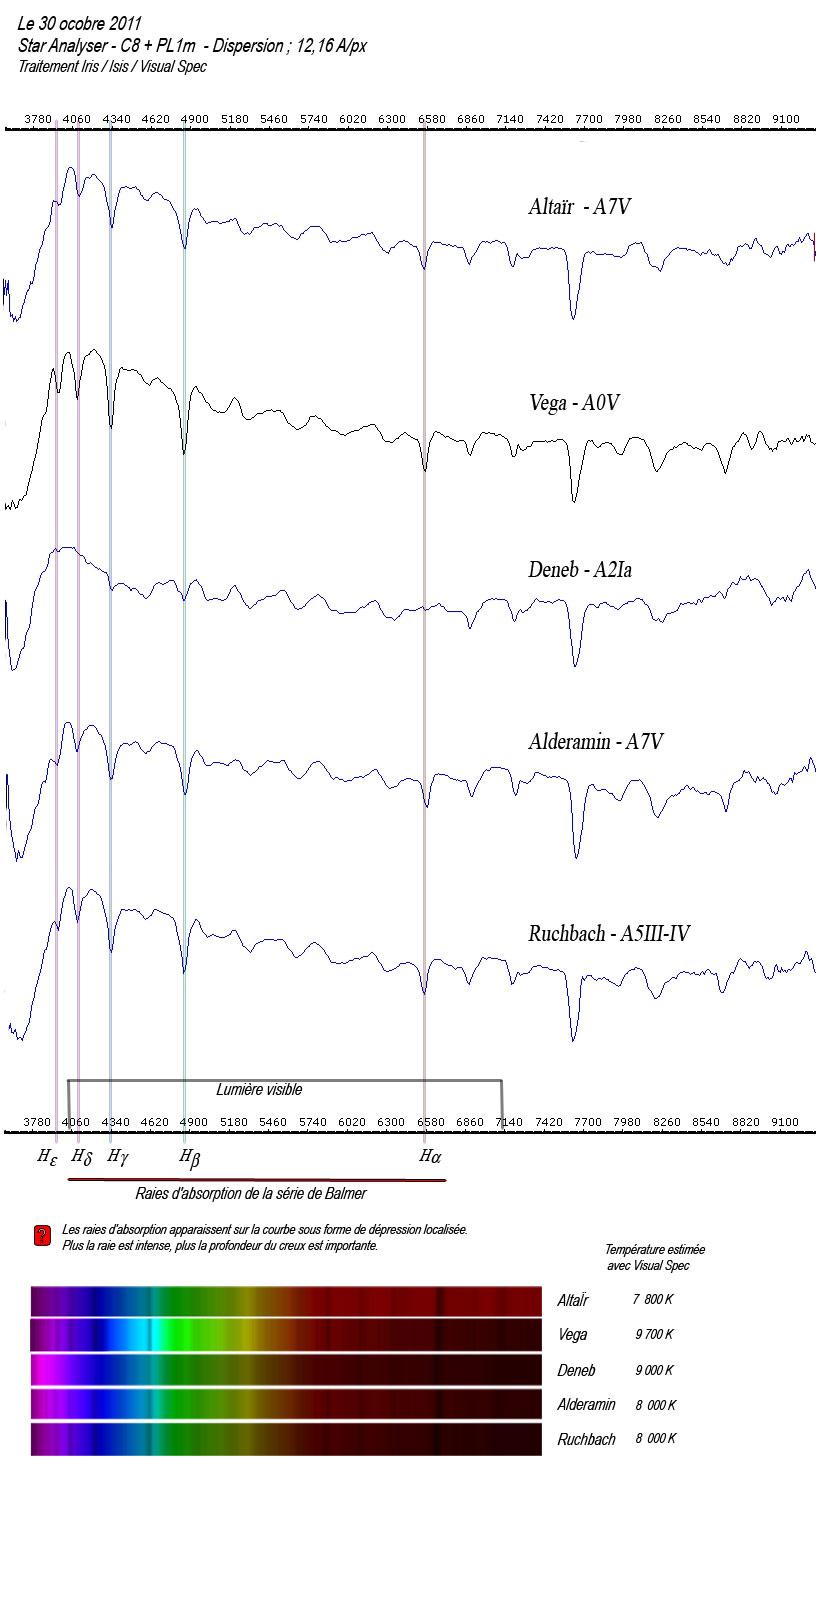 Premiers pas en Spectrographie  Compar10